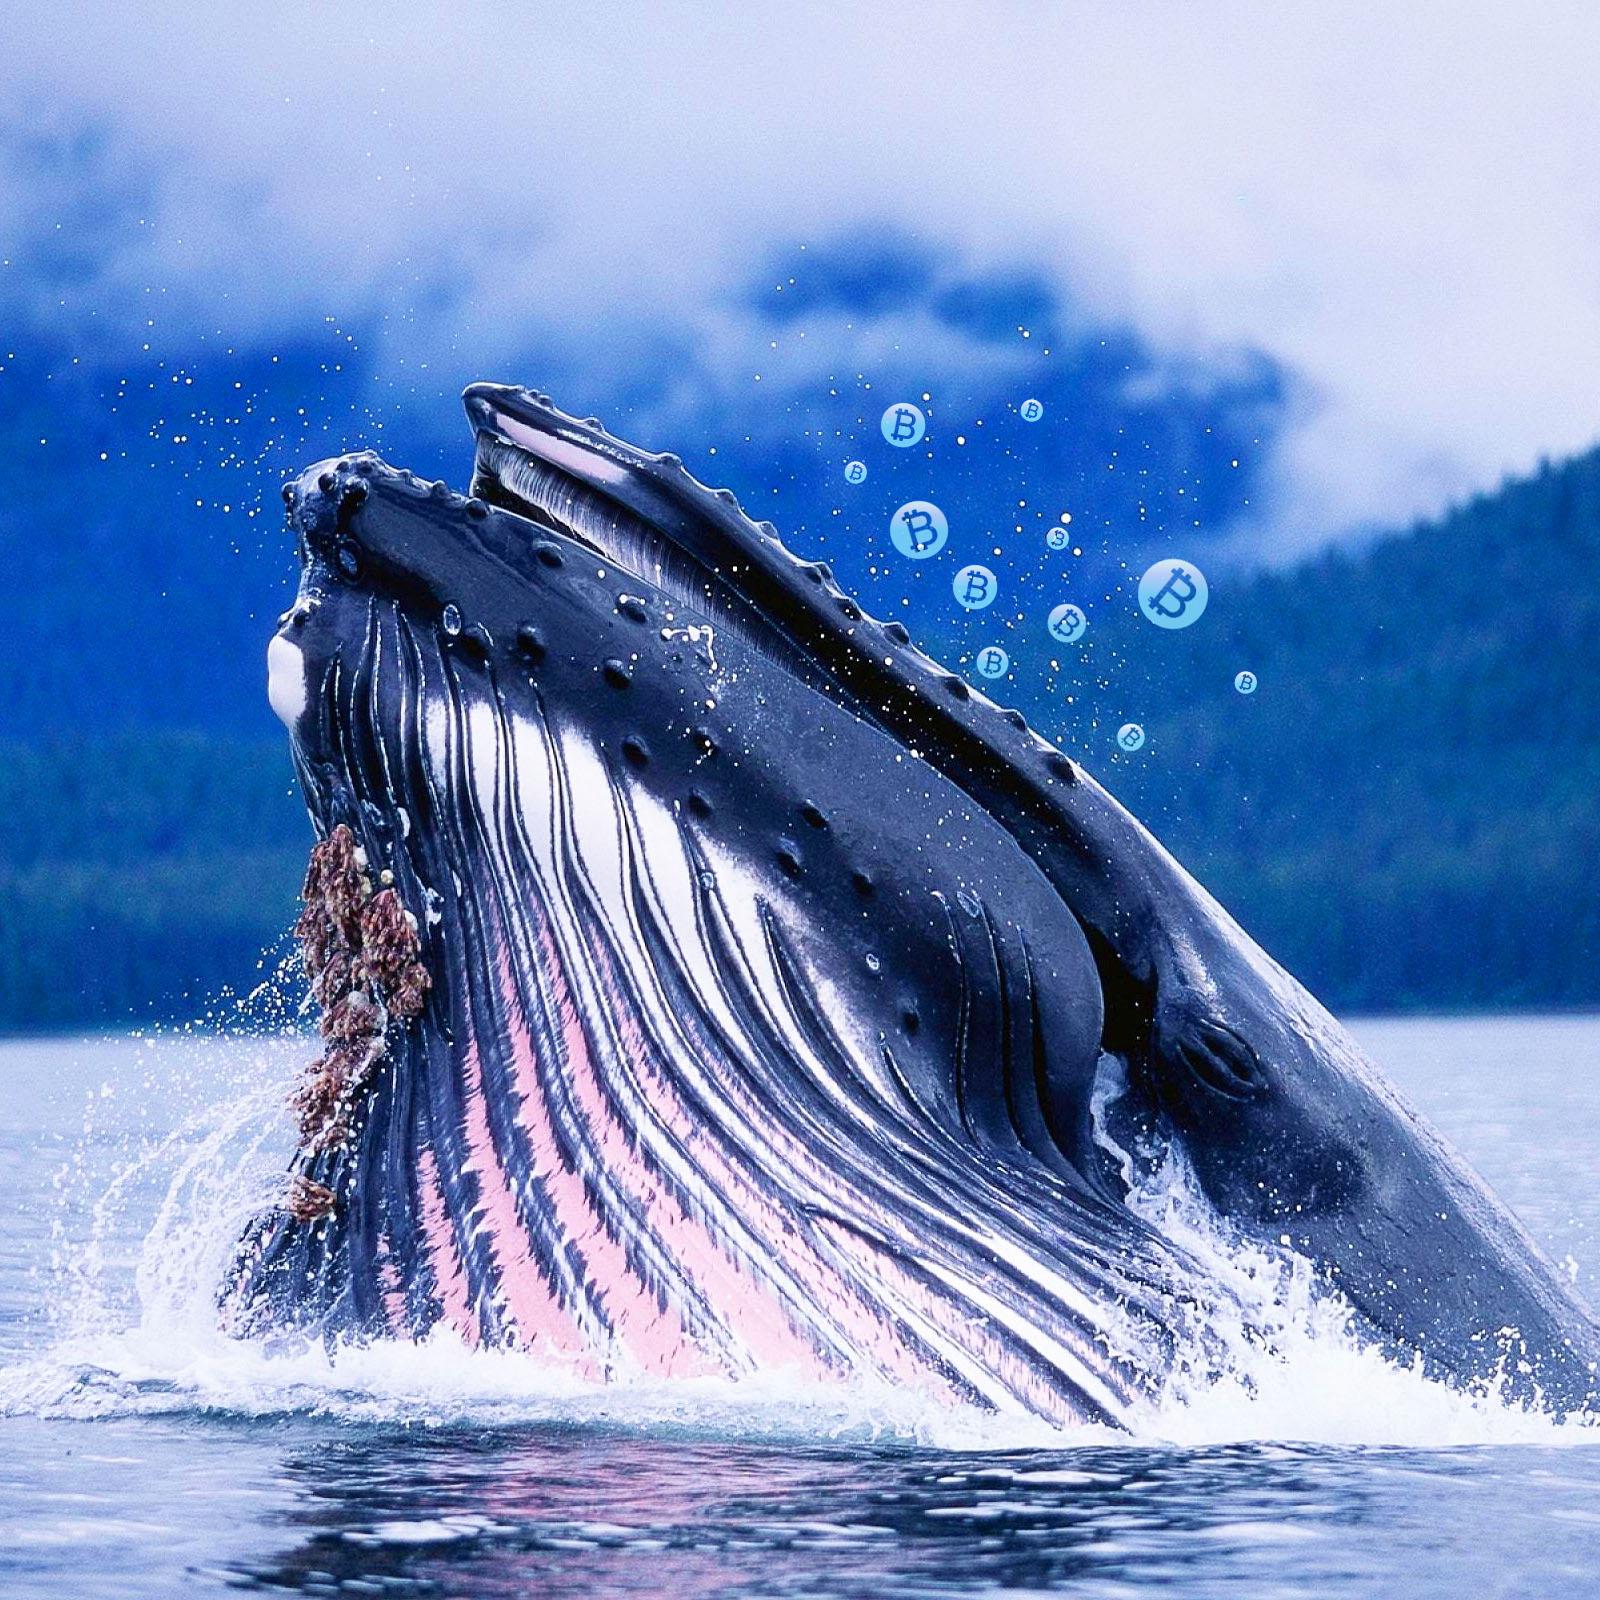 Ngưng đổ lỗi cho cá voi Bitcoin về biến động giá thị trường cryptocurrency